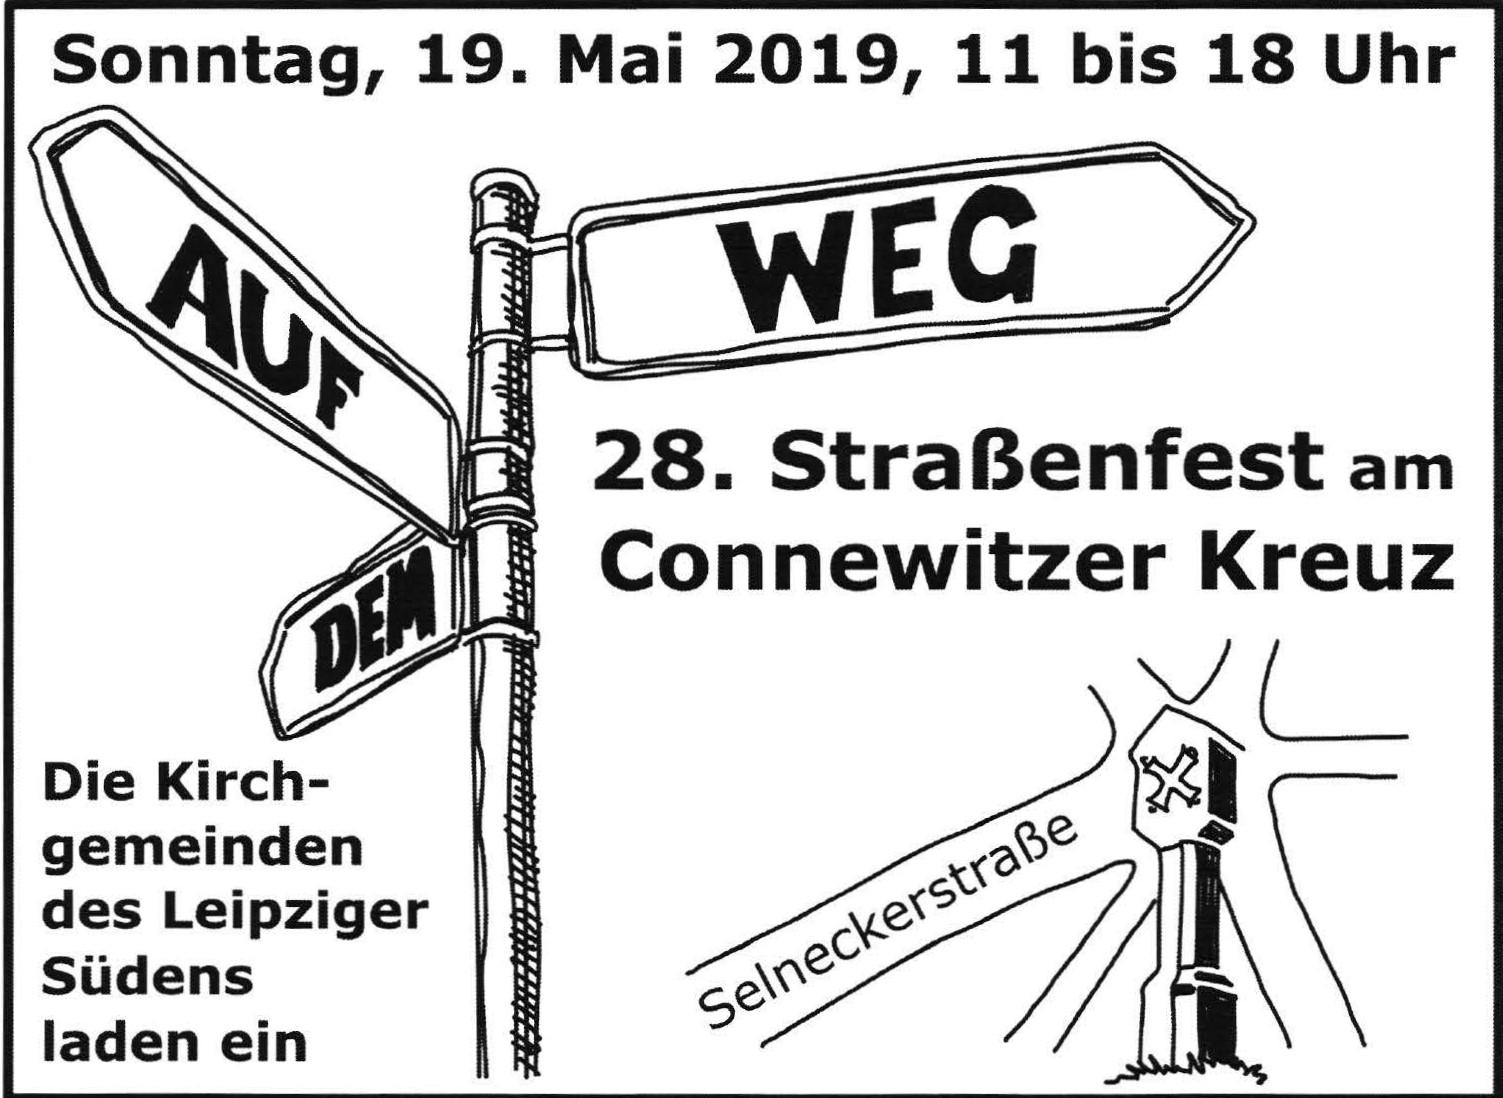 Bitte besuchen Sie auch den Stand 135 von  Aufruf 2019  direkt vor der Paul-Gerhardt-Kirche!